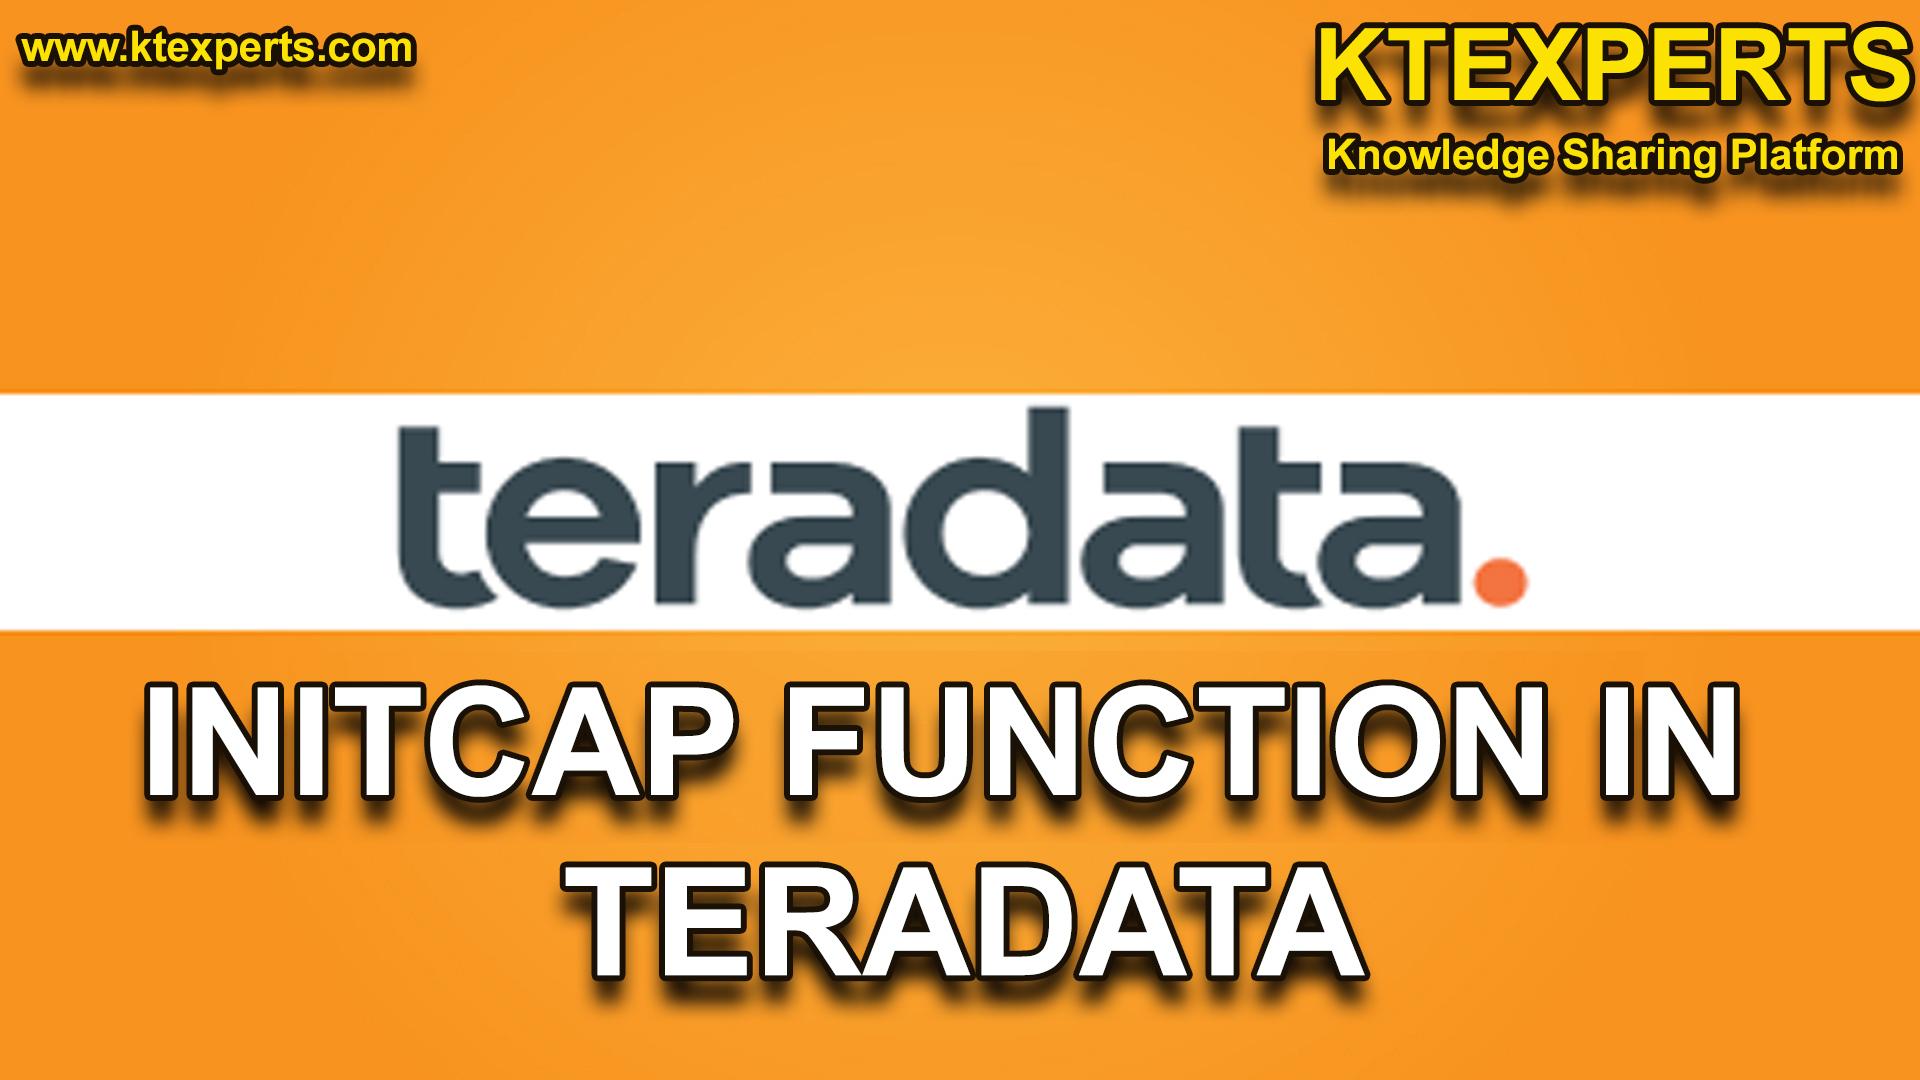 INITCAP FUNCTION IN TERADATA